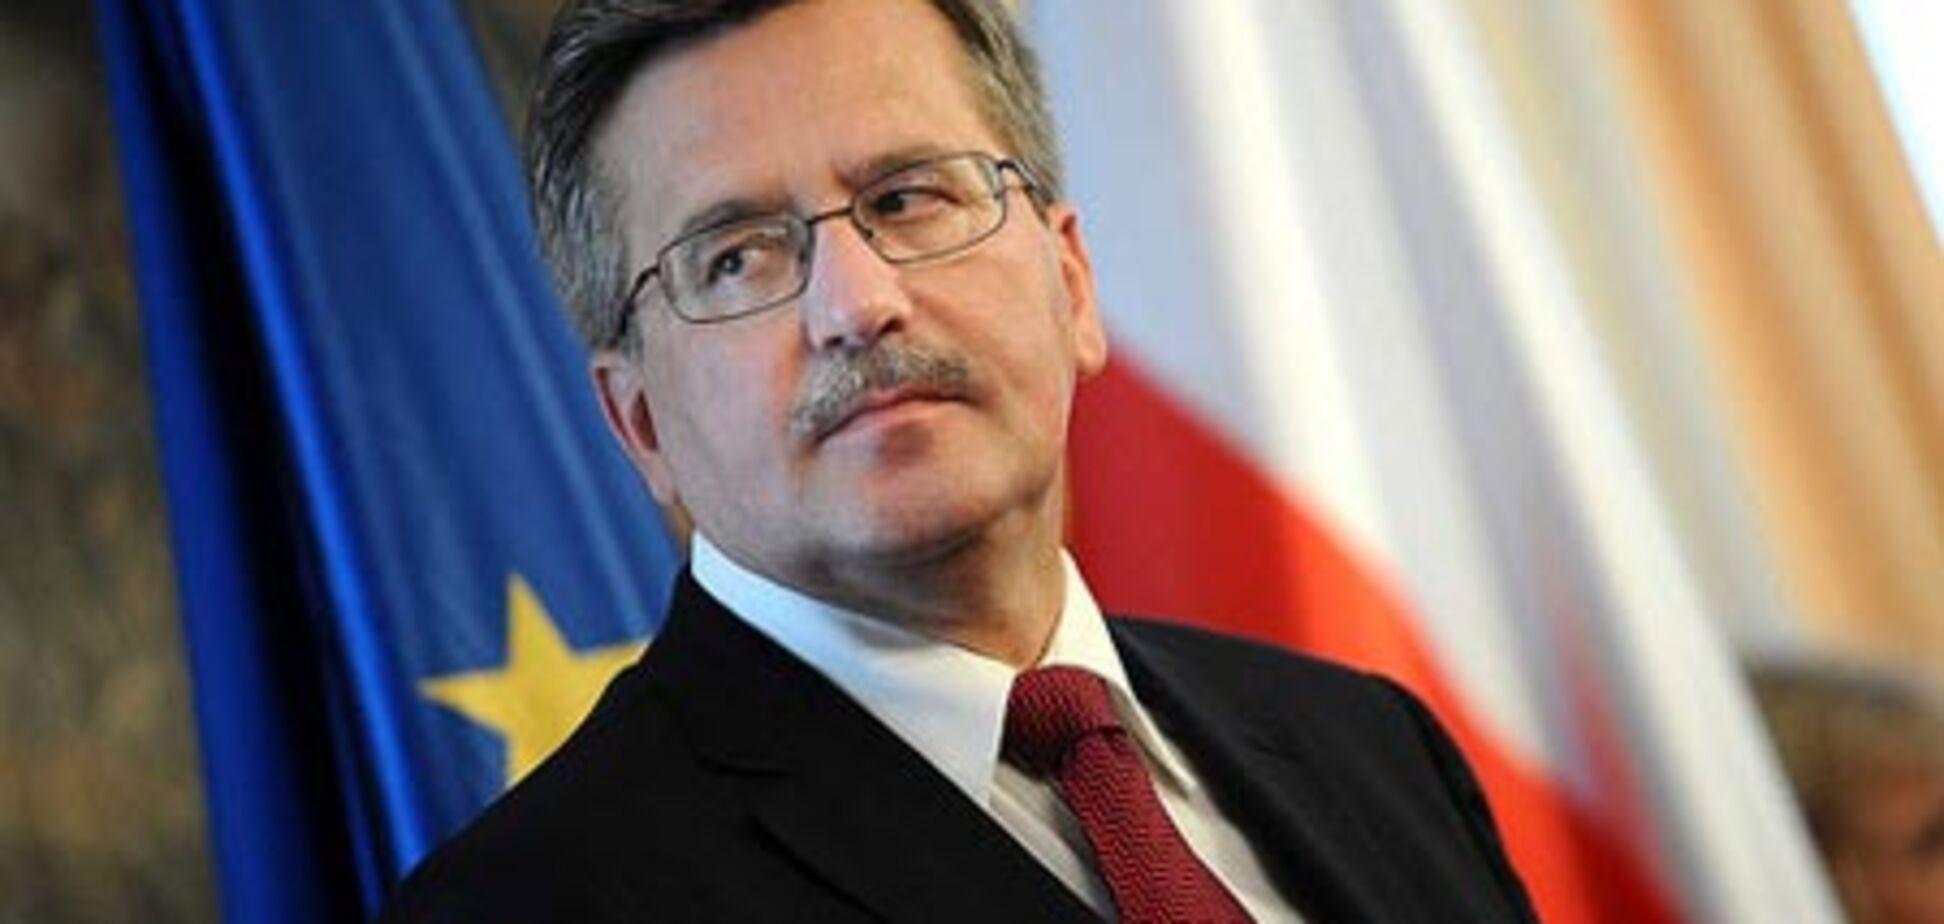 Президент Польщі: розслідування РФ проведено з помилками